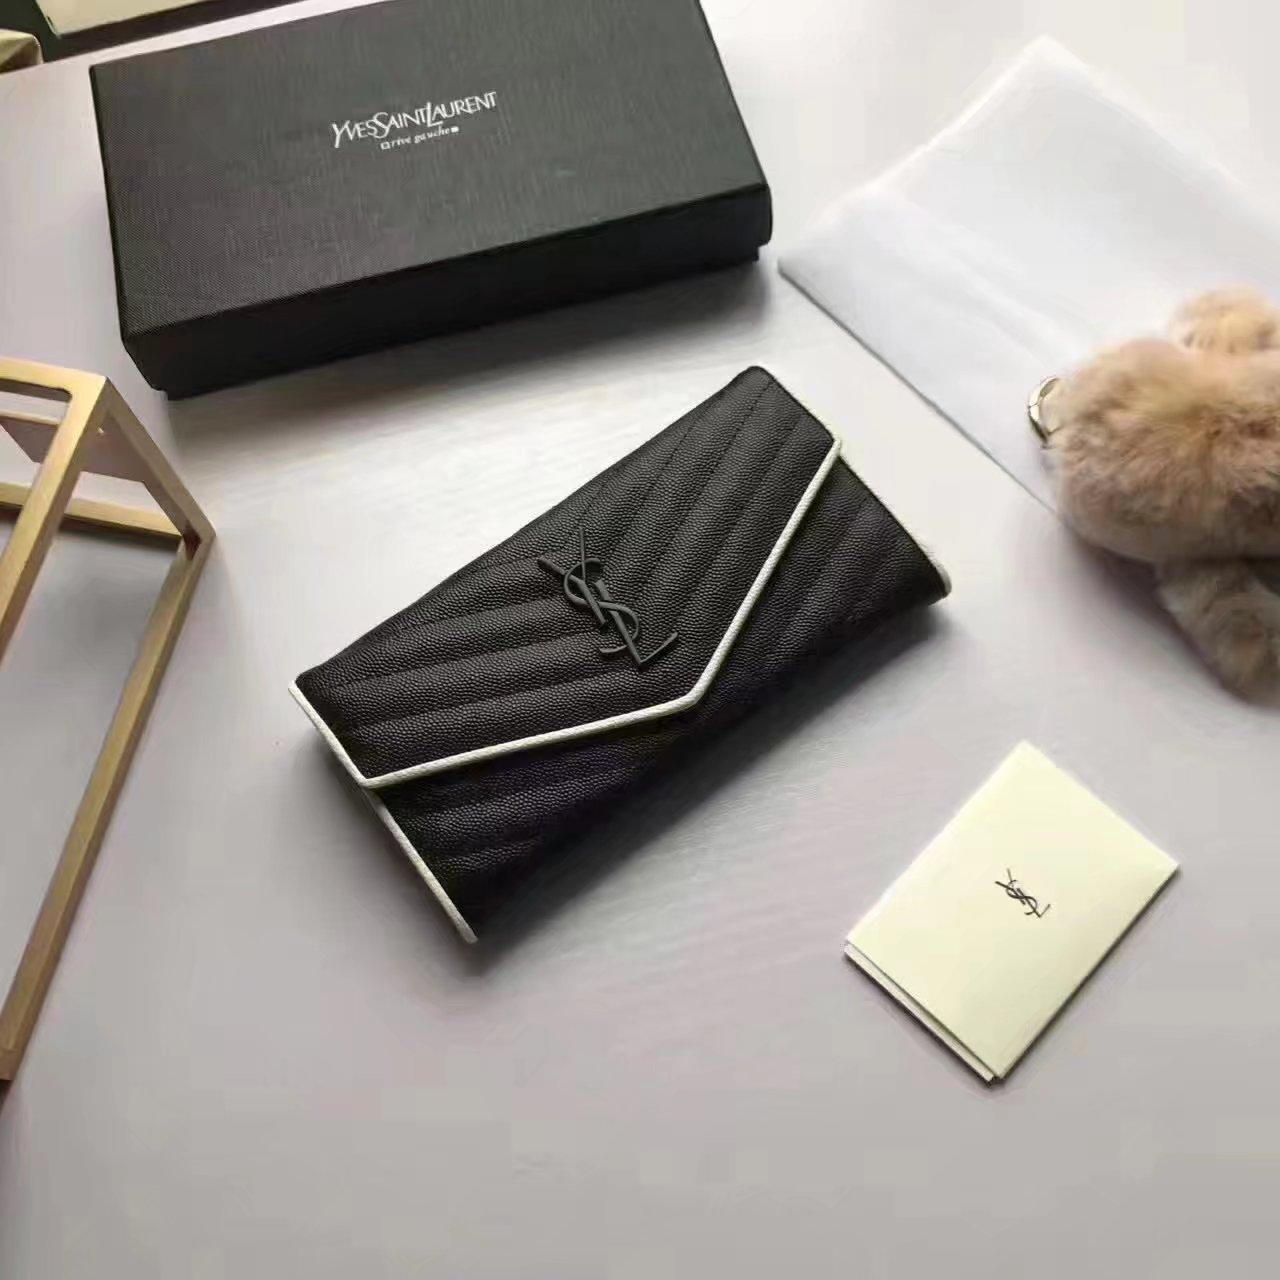 Yves Saint Laurent 2017 Fashion Flap Wallet Black